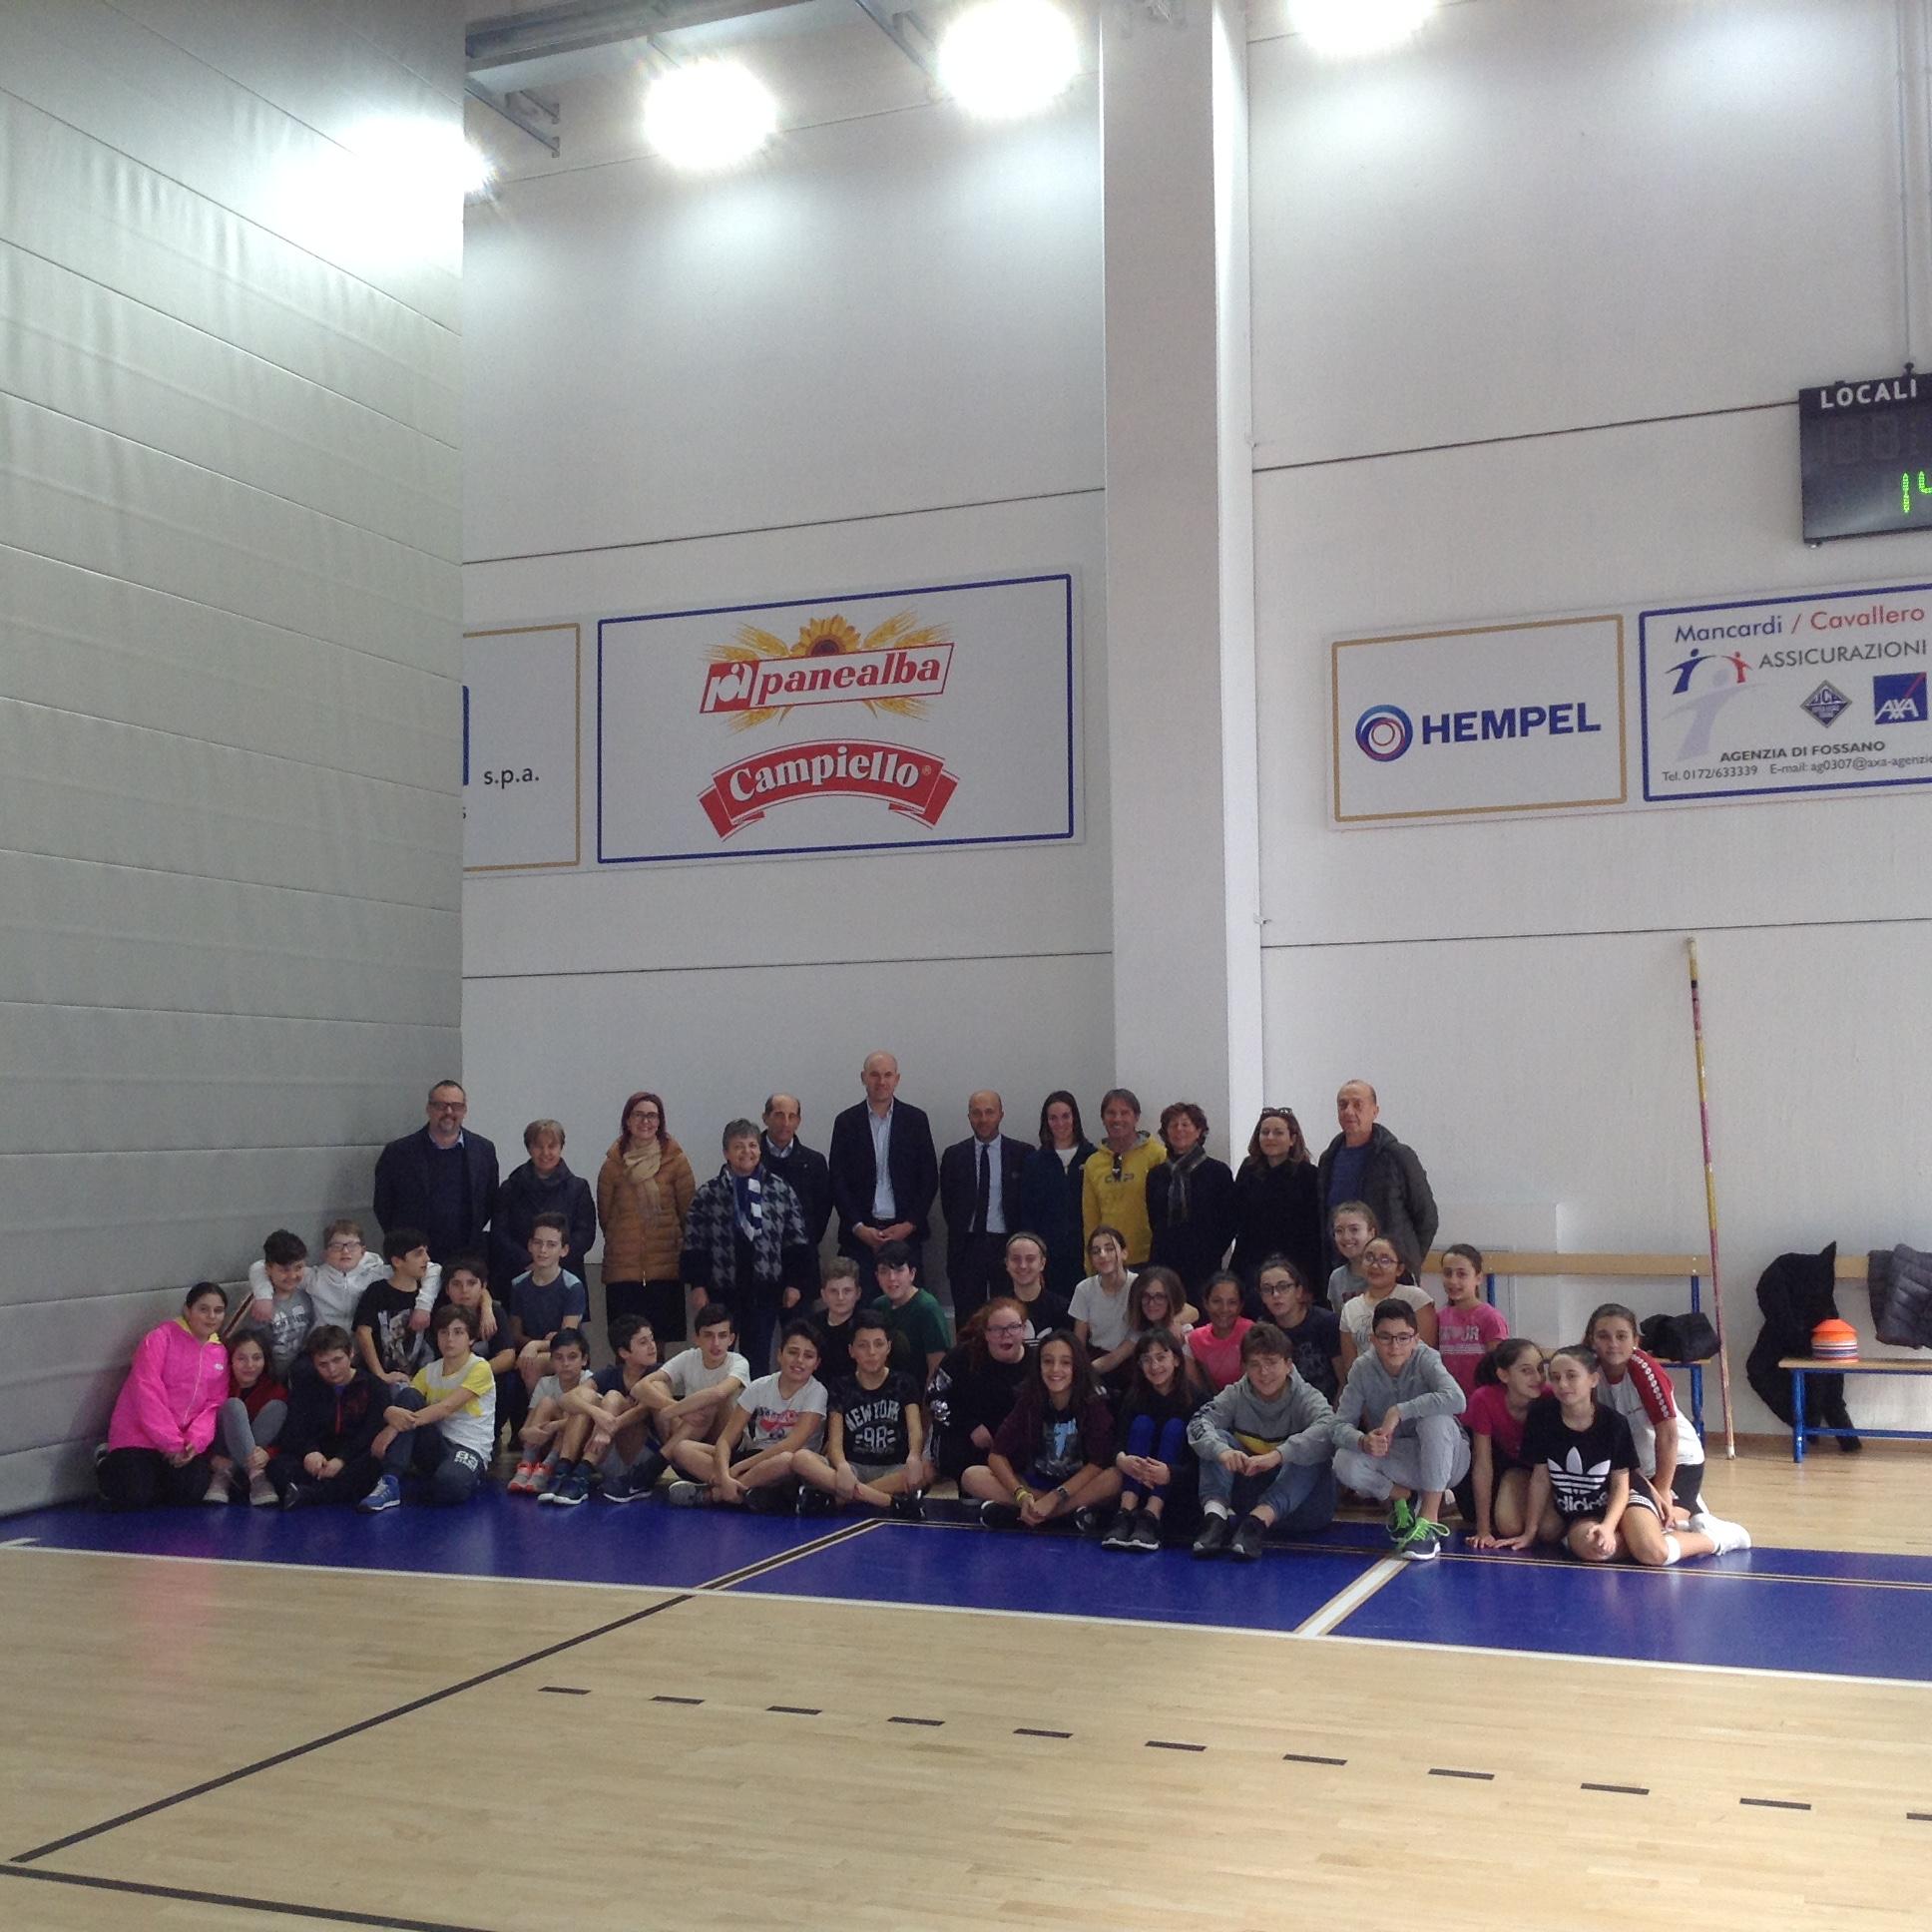 """Scuola e Panealba insieme per un progetto che coinvolge gli studenti dell'Istituto """"Sebastiano Taricco"""""""